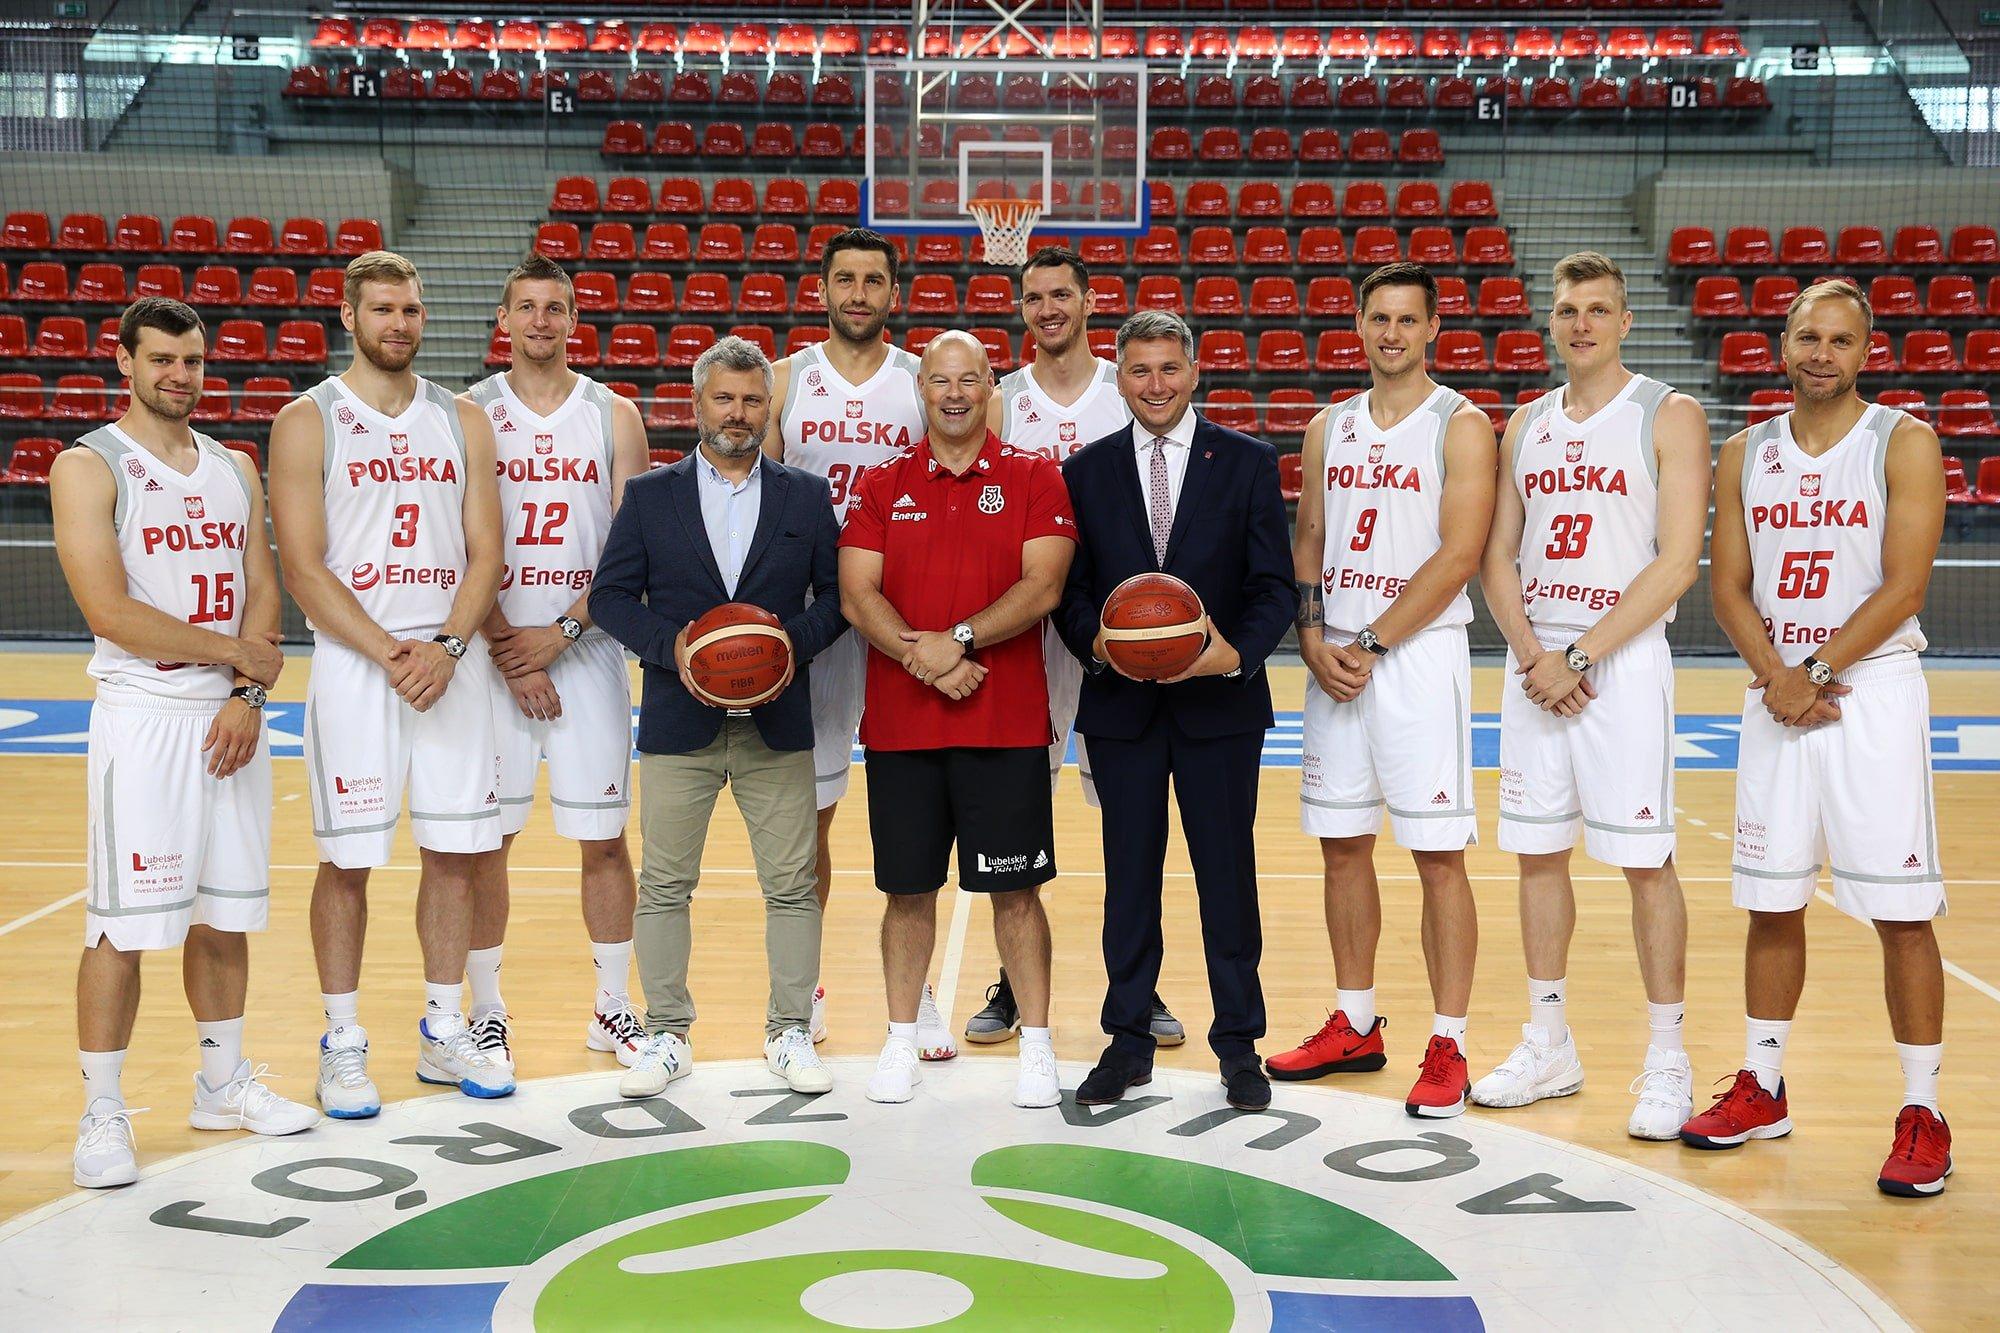 Piotr Sobota (przedstawiciel marki Areowatch) i Radosław Piesiewicz (prezes PZK) podpisali również dwuletnią umowę kontynuującą współpracę pomiędzy marką, a drużyną.